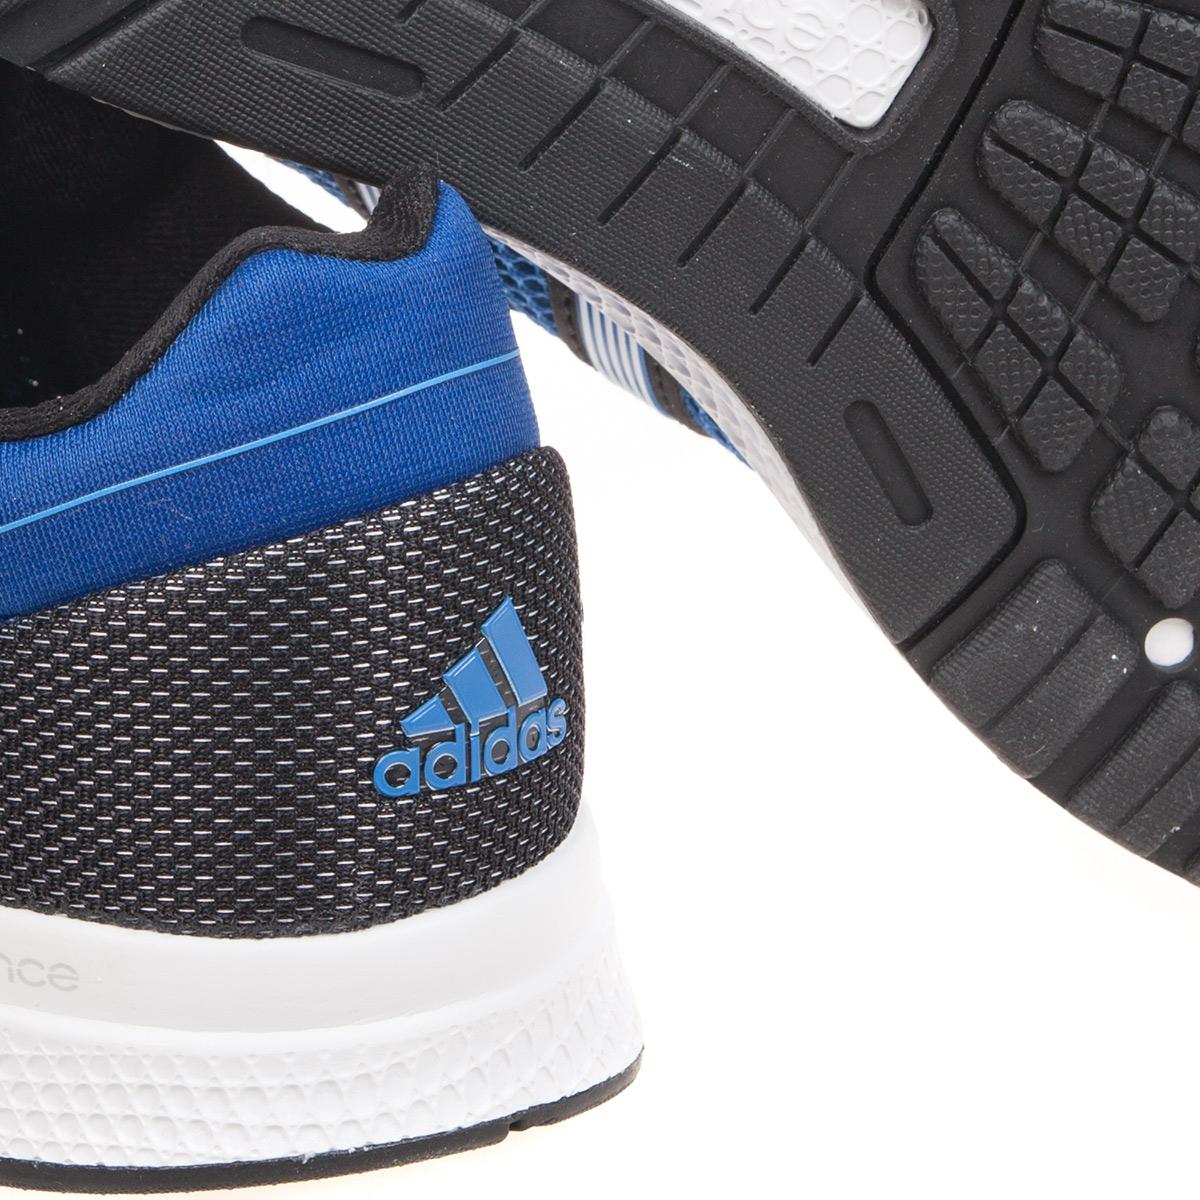 0630d38bec6 Adidas Мъжки маратонки MANA RC BOUNCE - B72975, Мъже, Мъжки ...